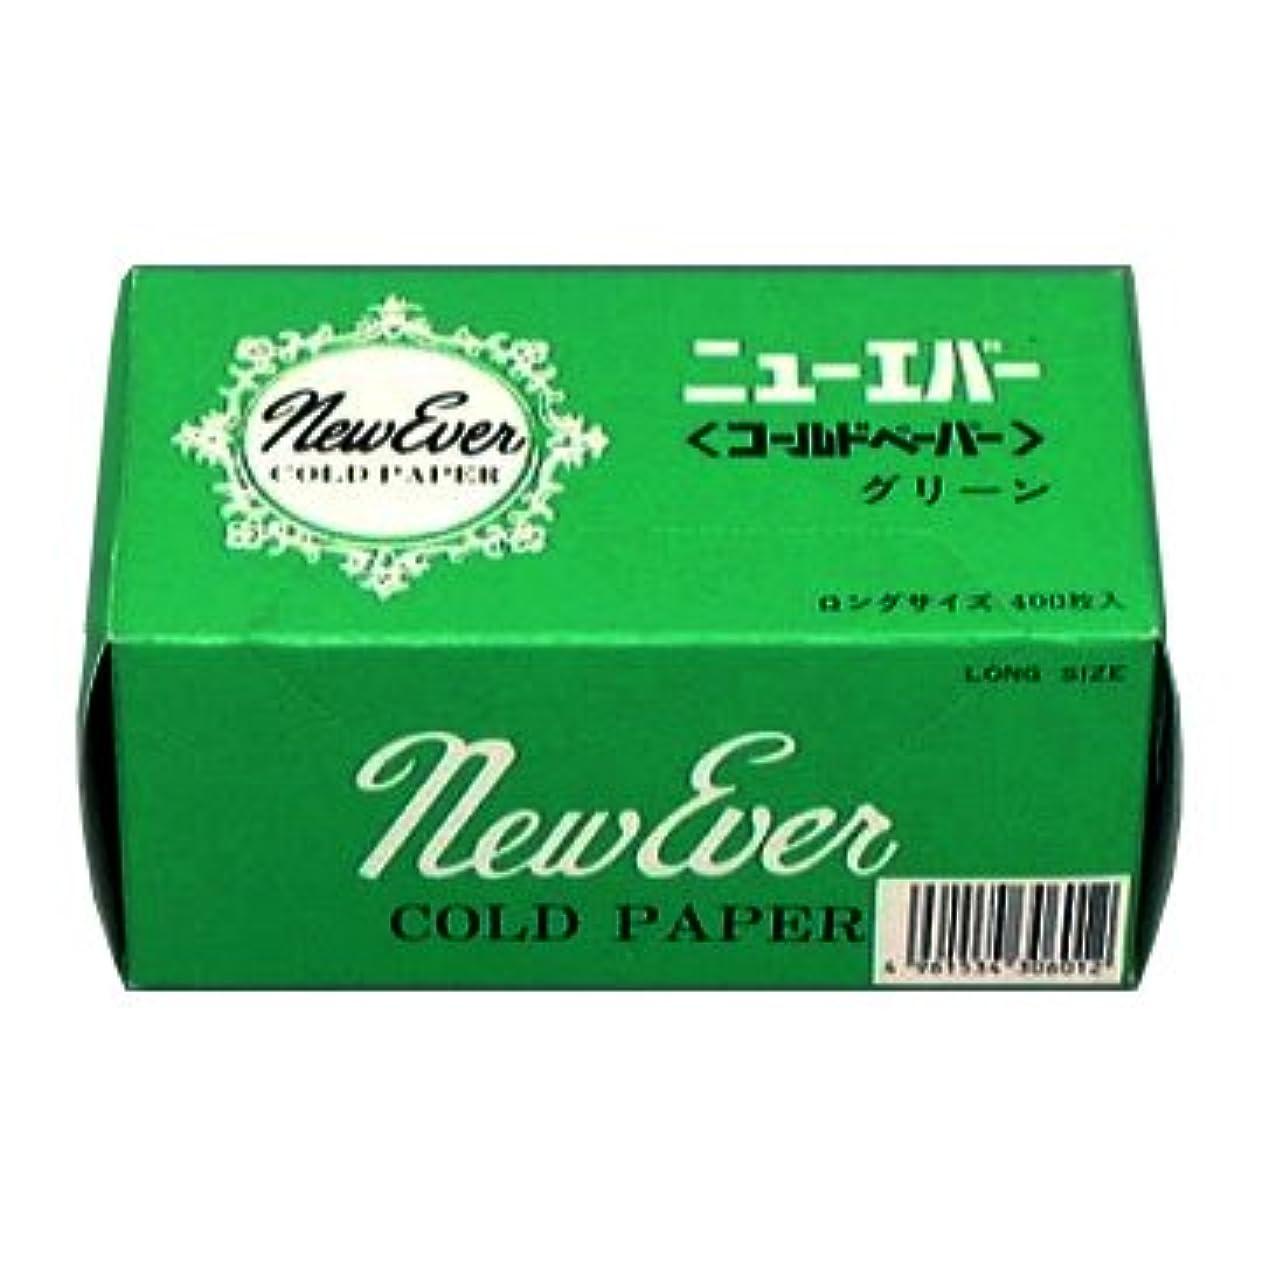 ベジタリアンくつろぎディレクター米正 ニューエバー コールドペーパー グリーン ロングサイズ 400枚入